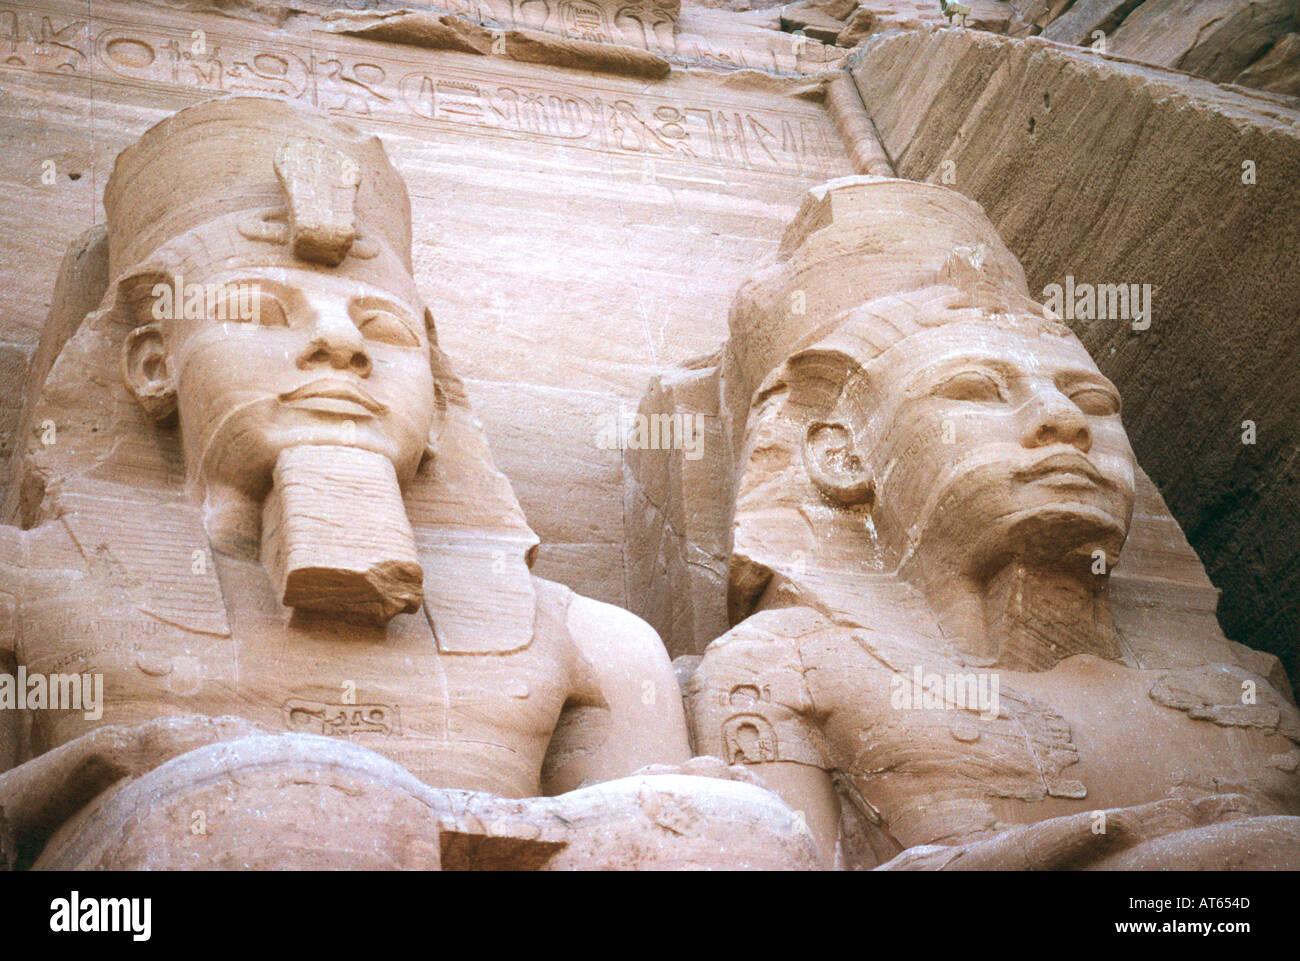 Abu Simbel, lago Nasser, Egitto. Alto Egitto e la Nubia, Egitto. abu simbel, lago Nasser, Egitto. Foto Stock